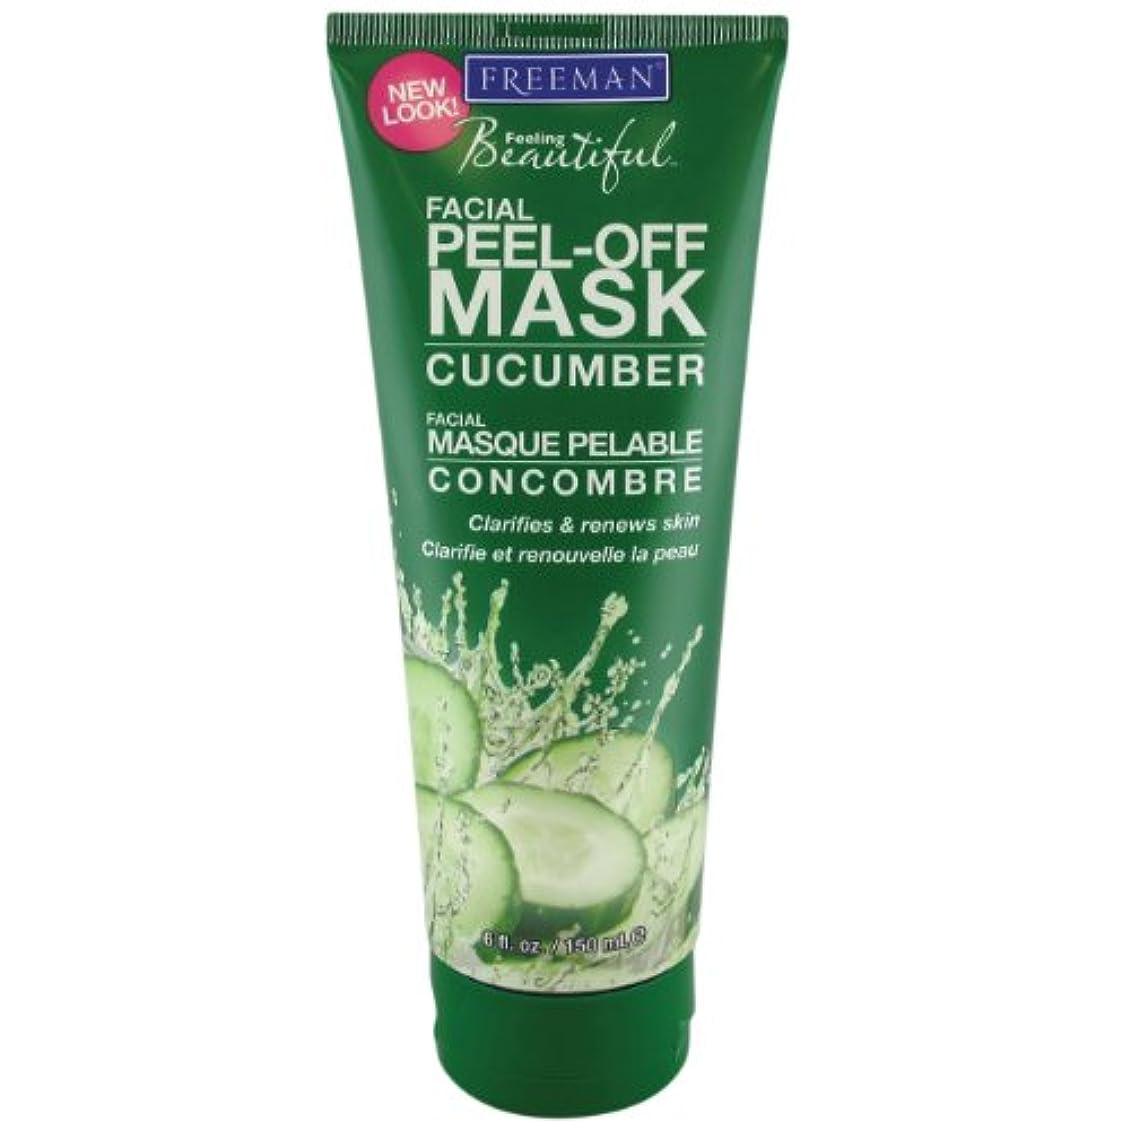 洗剤ライオンスリムFreeman Facial Peel-Off Mask Cucumber 150 ml (並行輸入品)